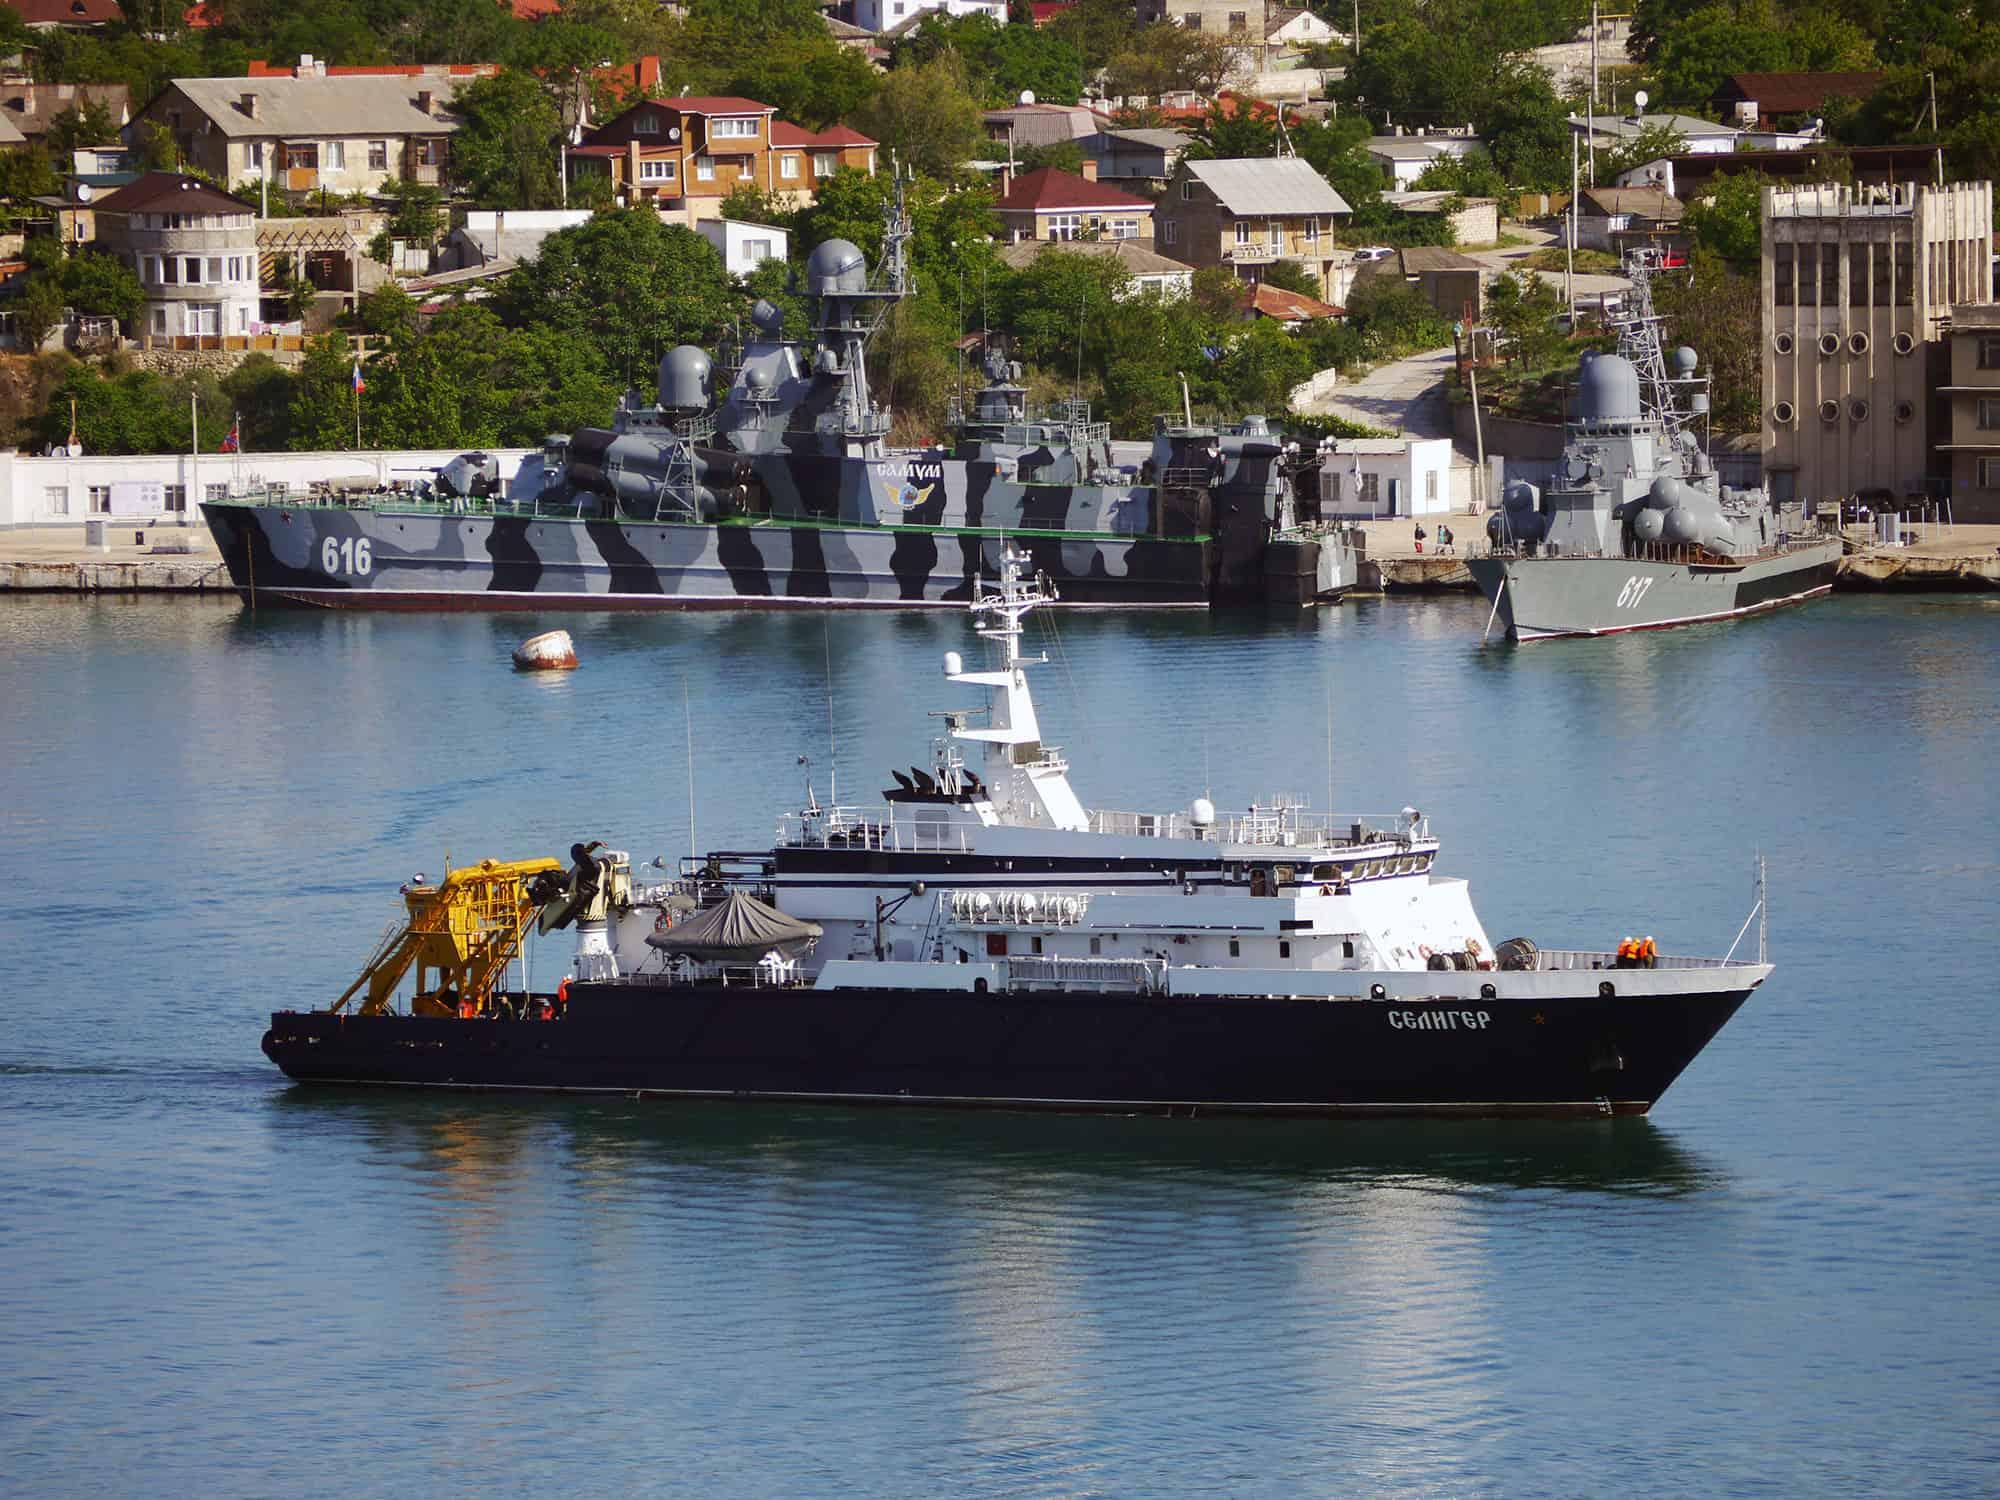 """Дослідне судно """"Селигер"""" в Севастопольській бухті Фото - А. Брічевскій, 23 травня 2018 року"""